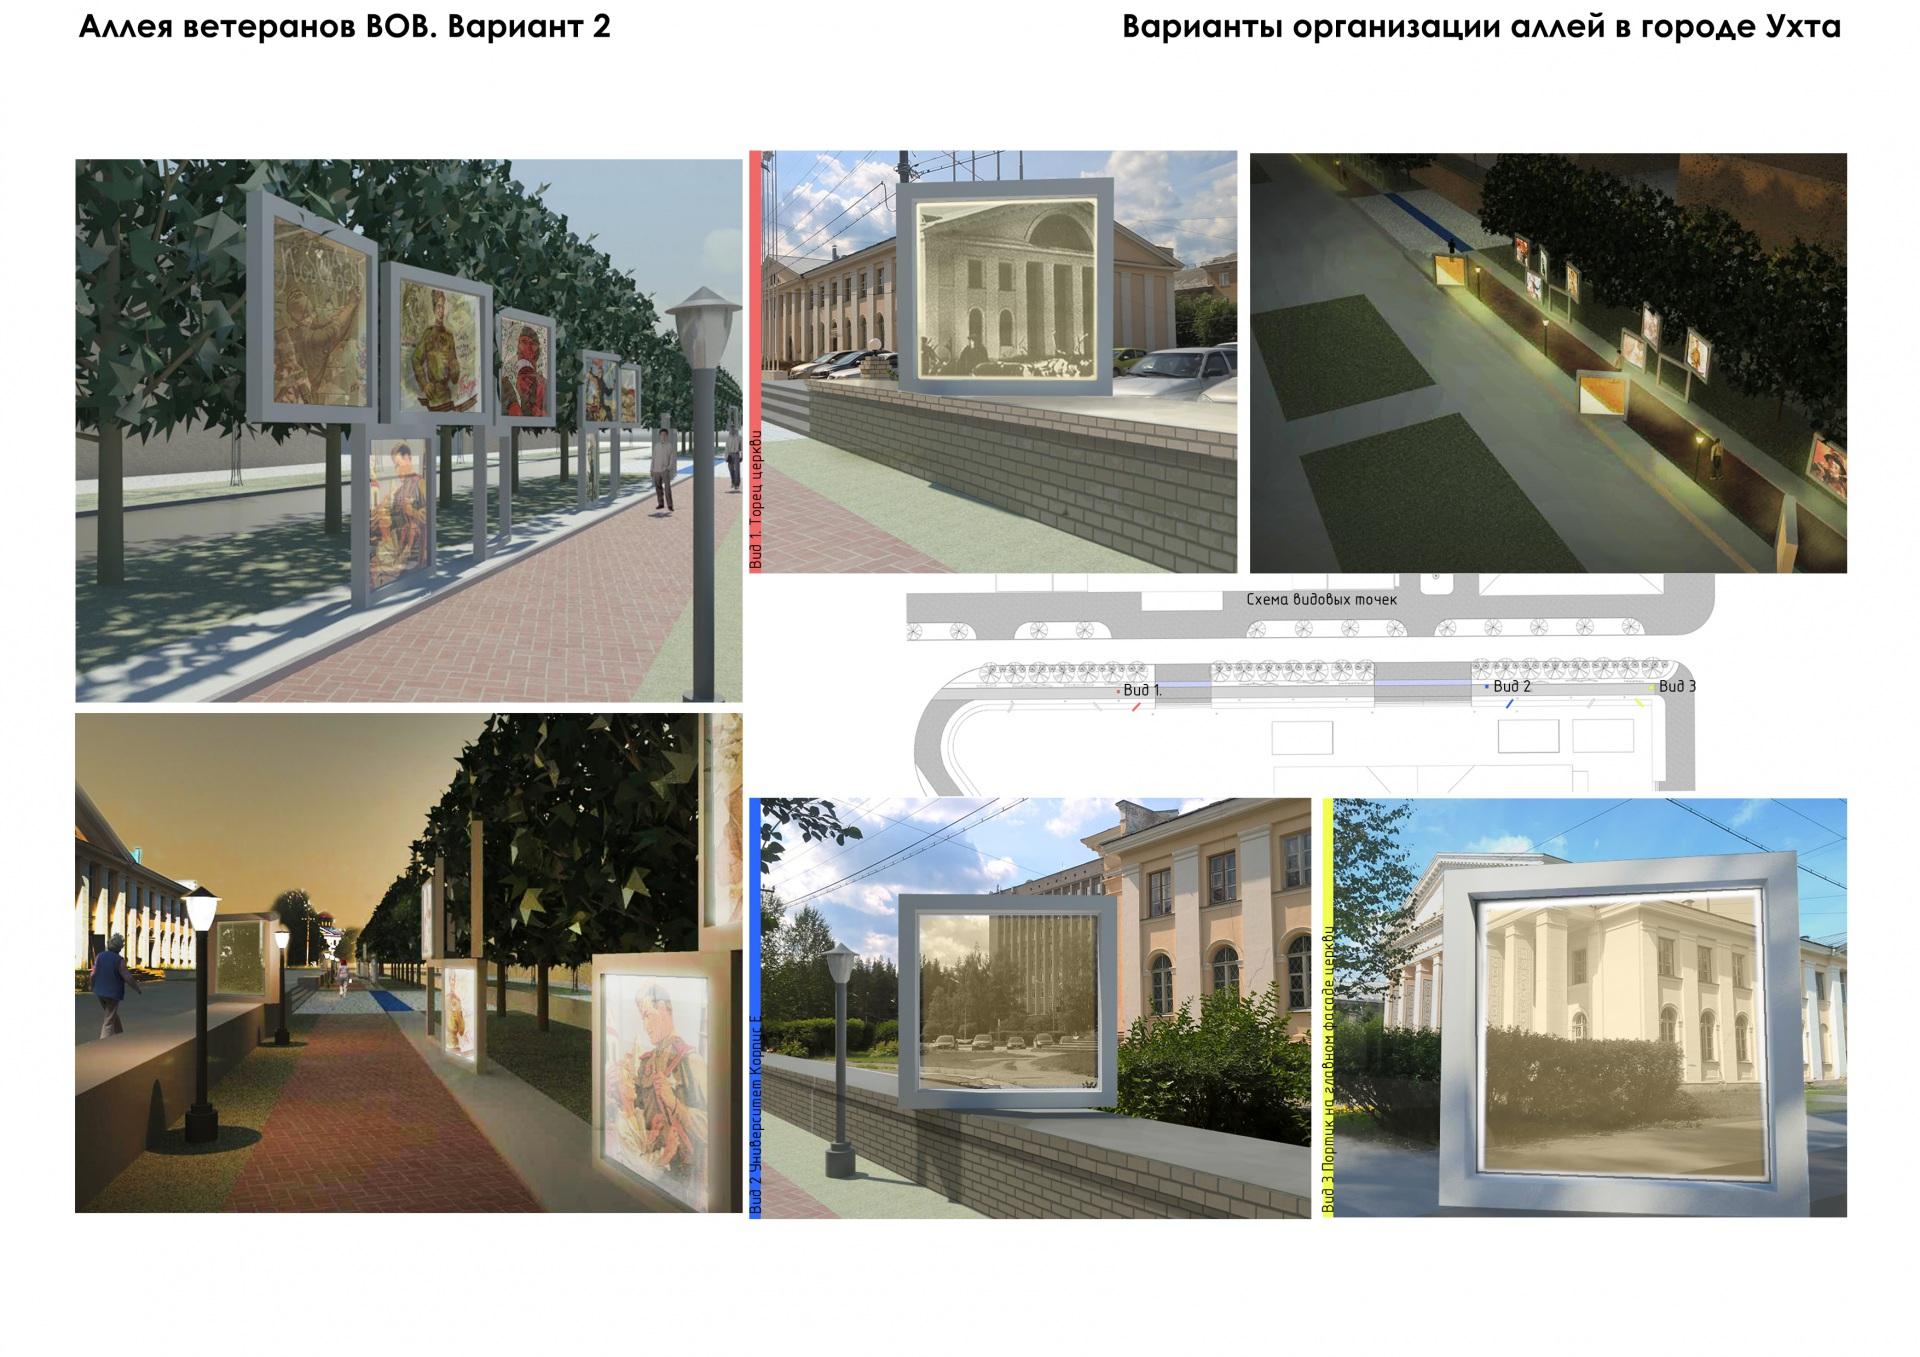 Ухтинцы могут выбрать идеи для изменения облика города